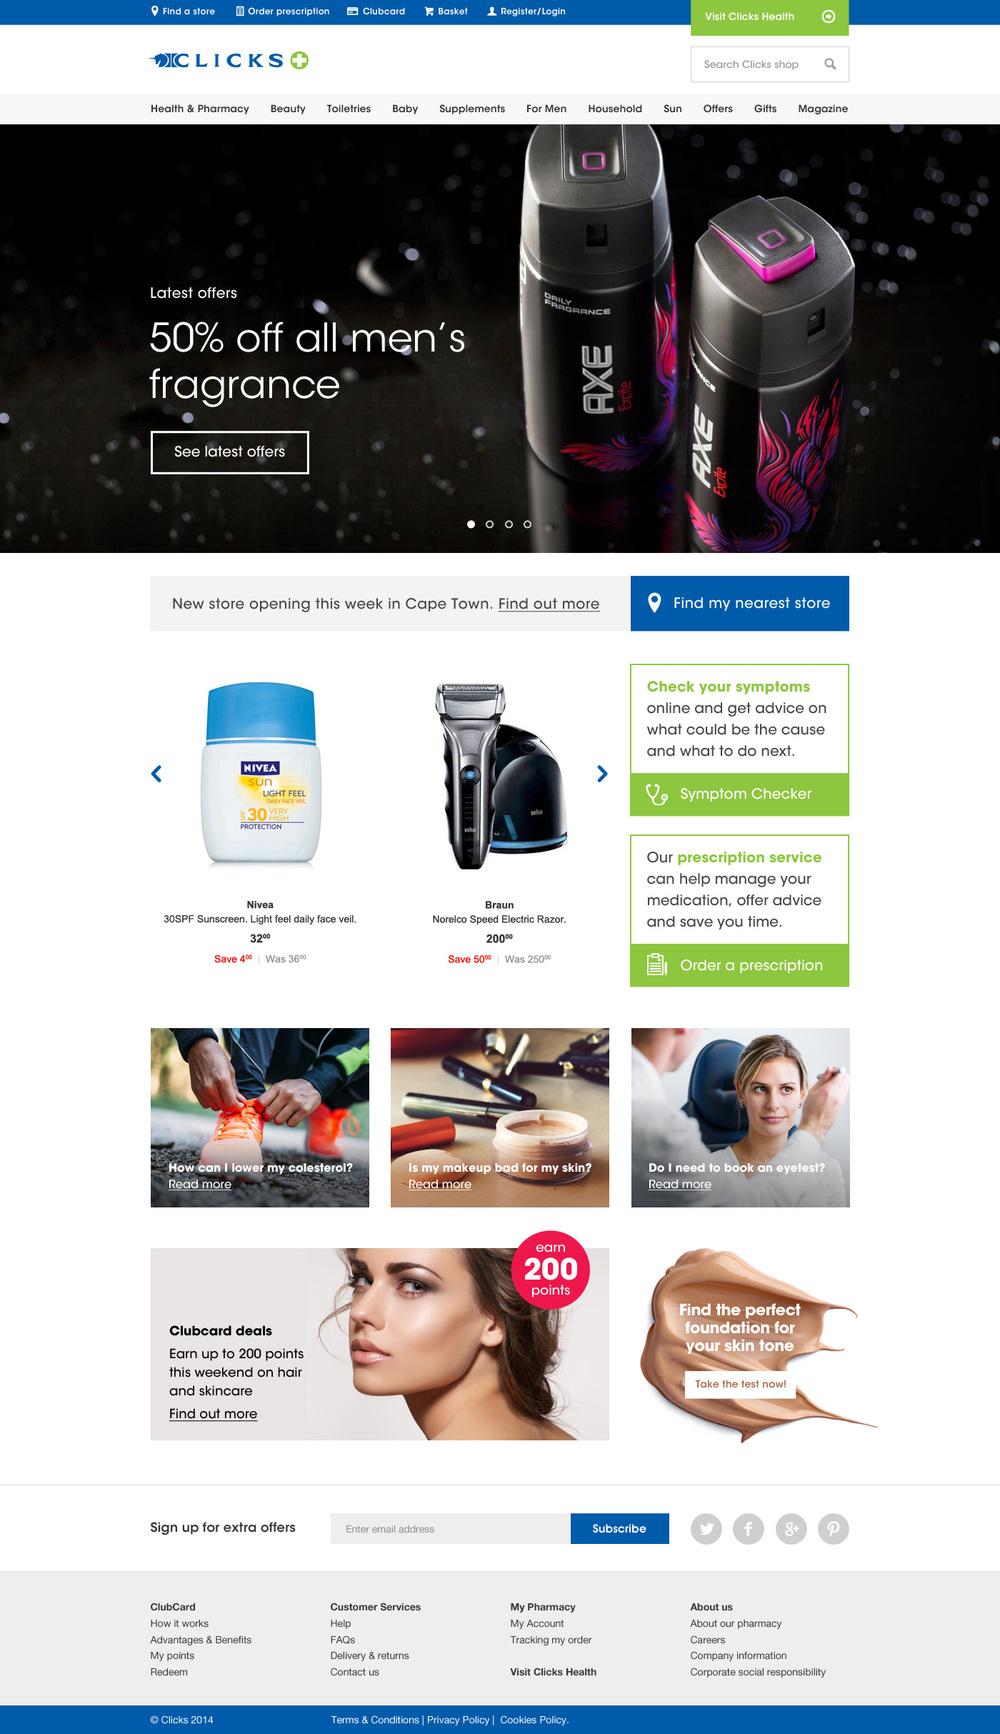 Clicks_Homepage_v4.jpg